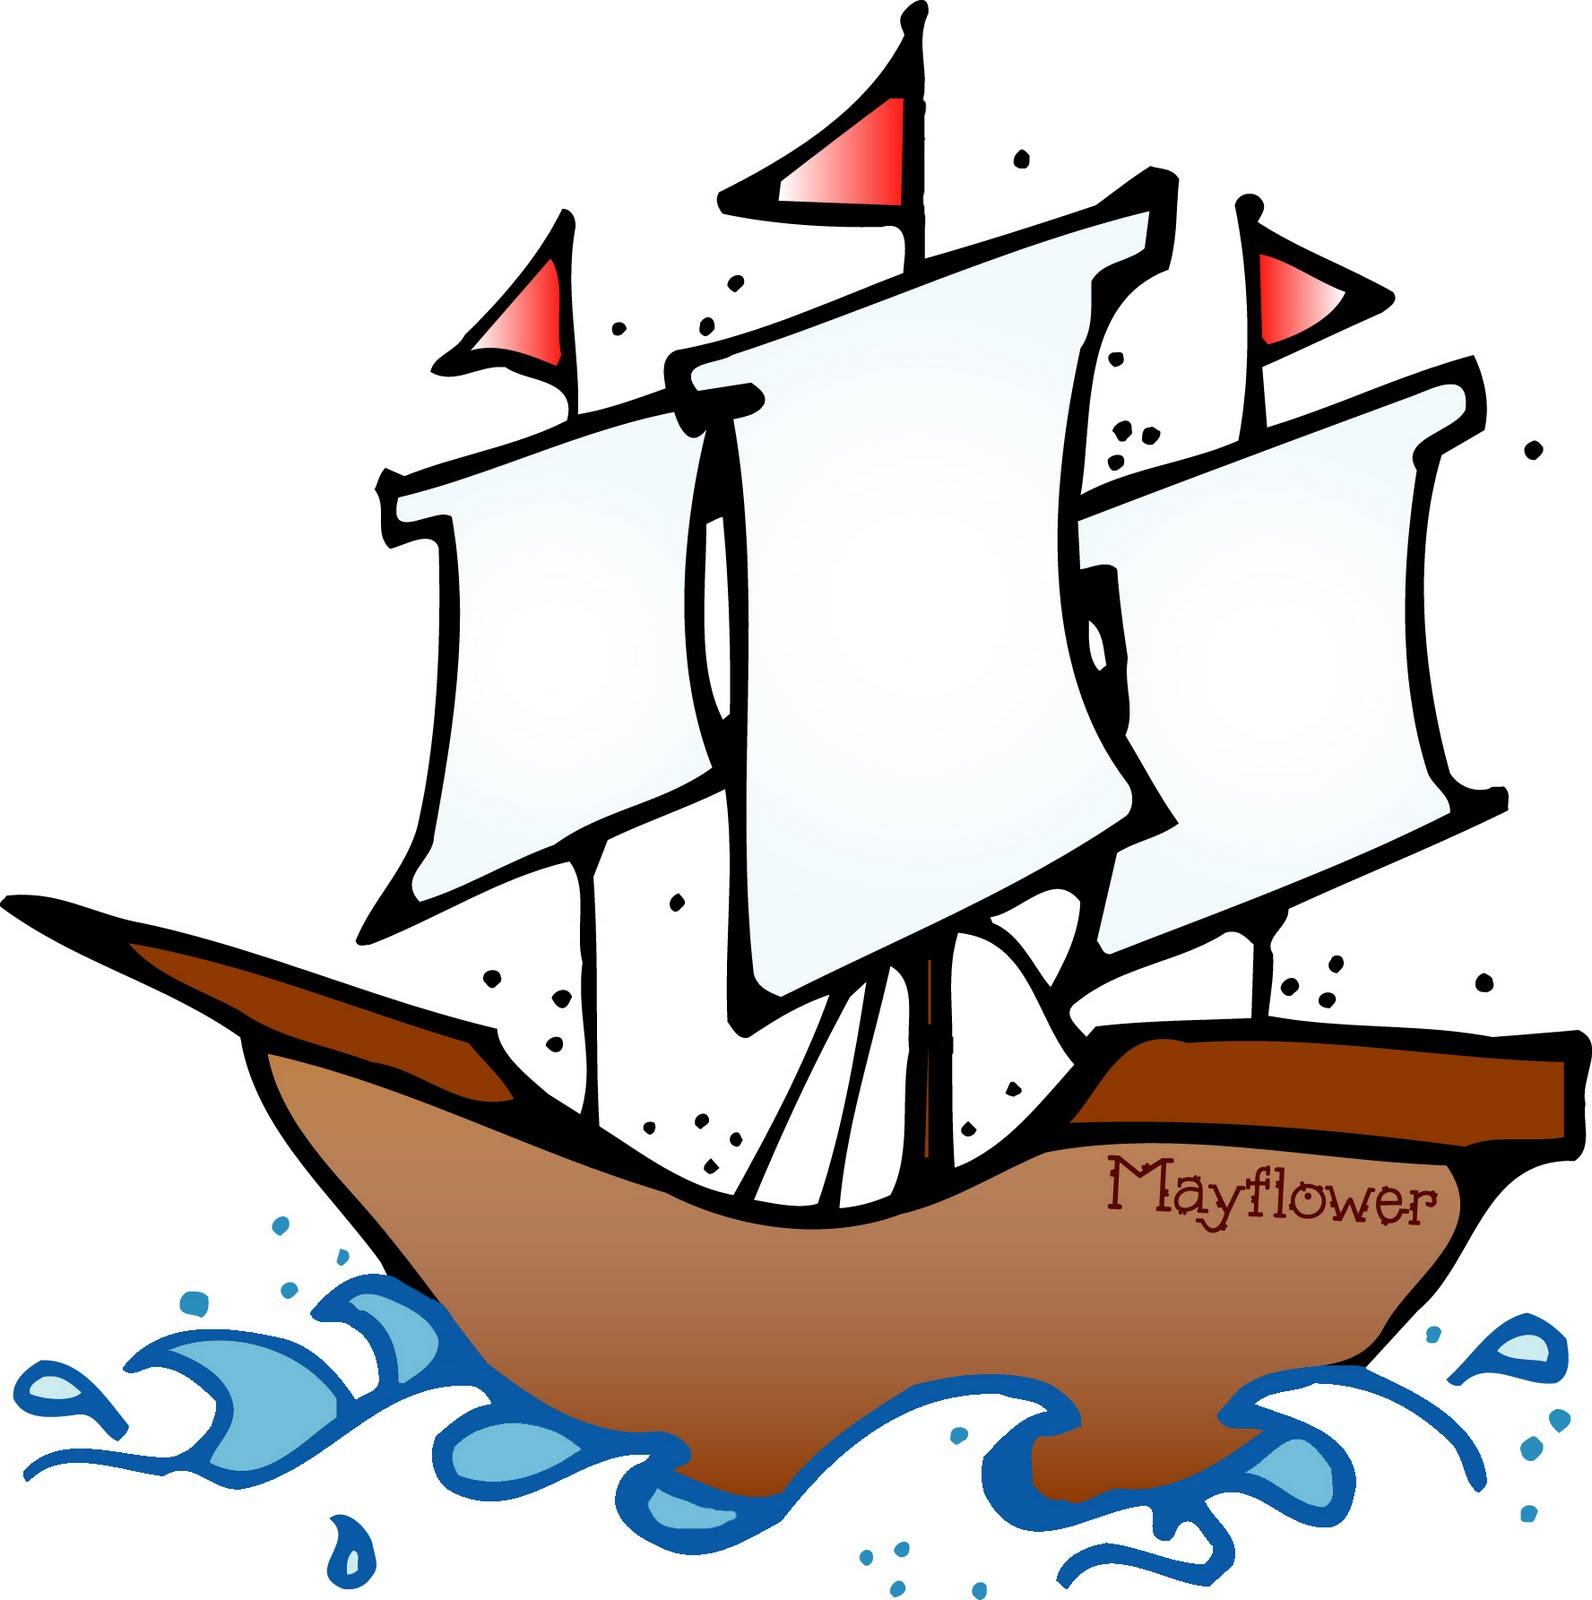 Pix For Mayflower Clipart